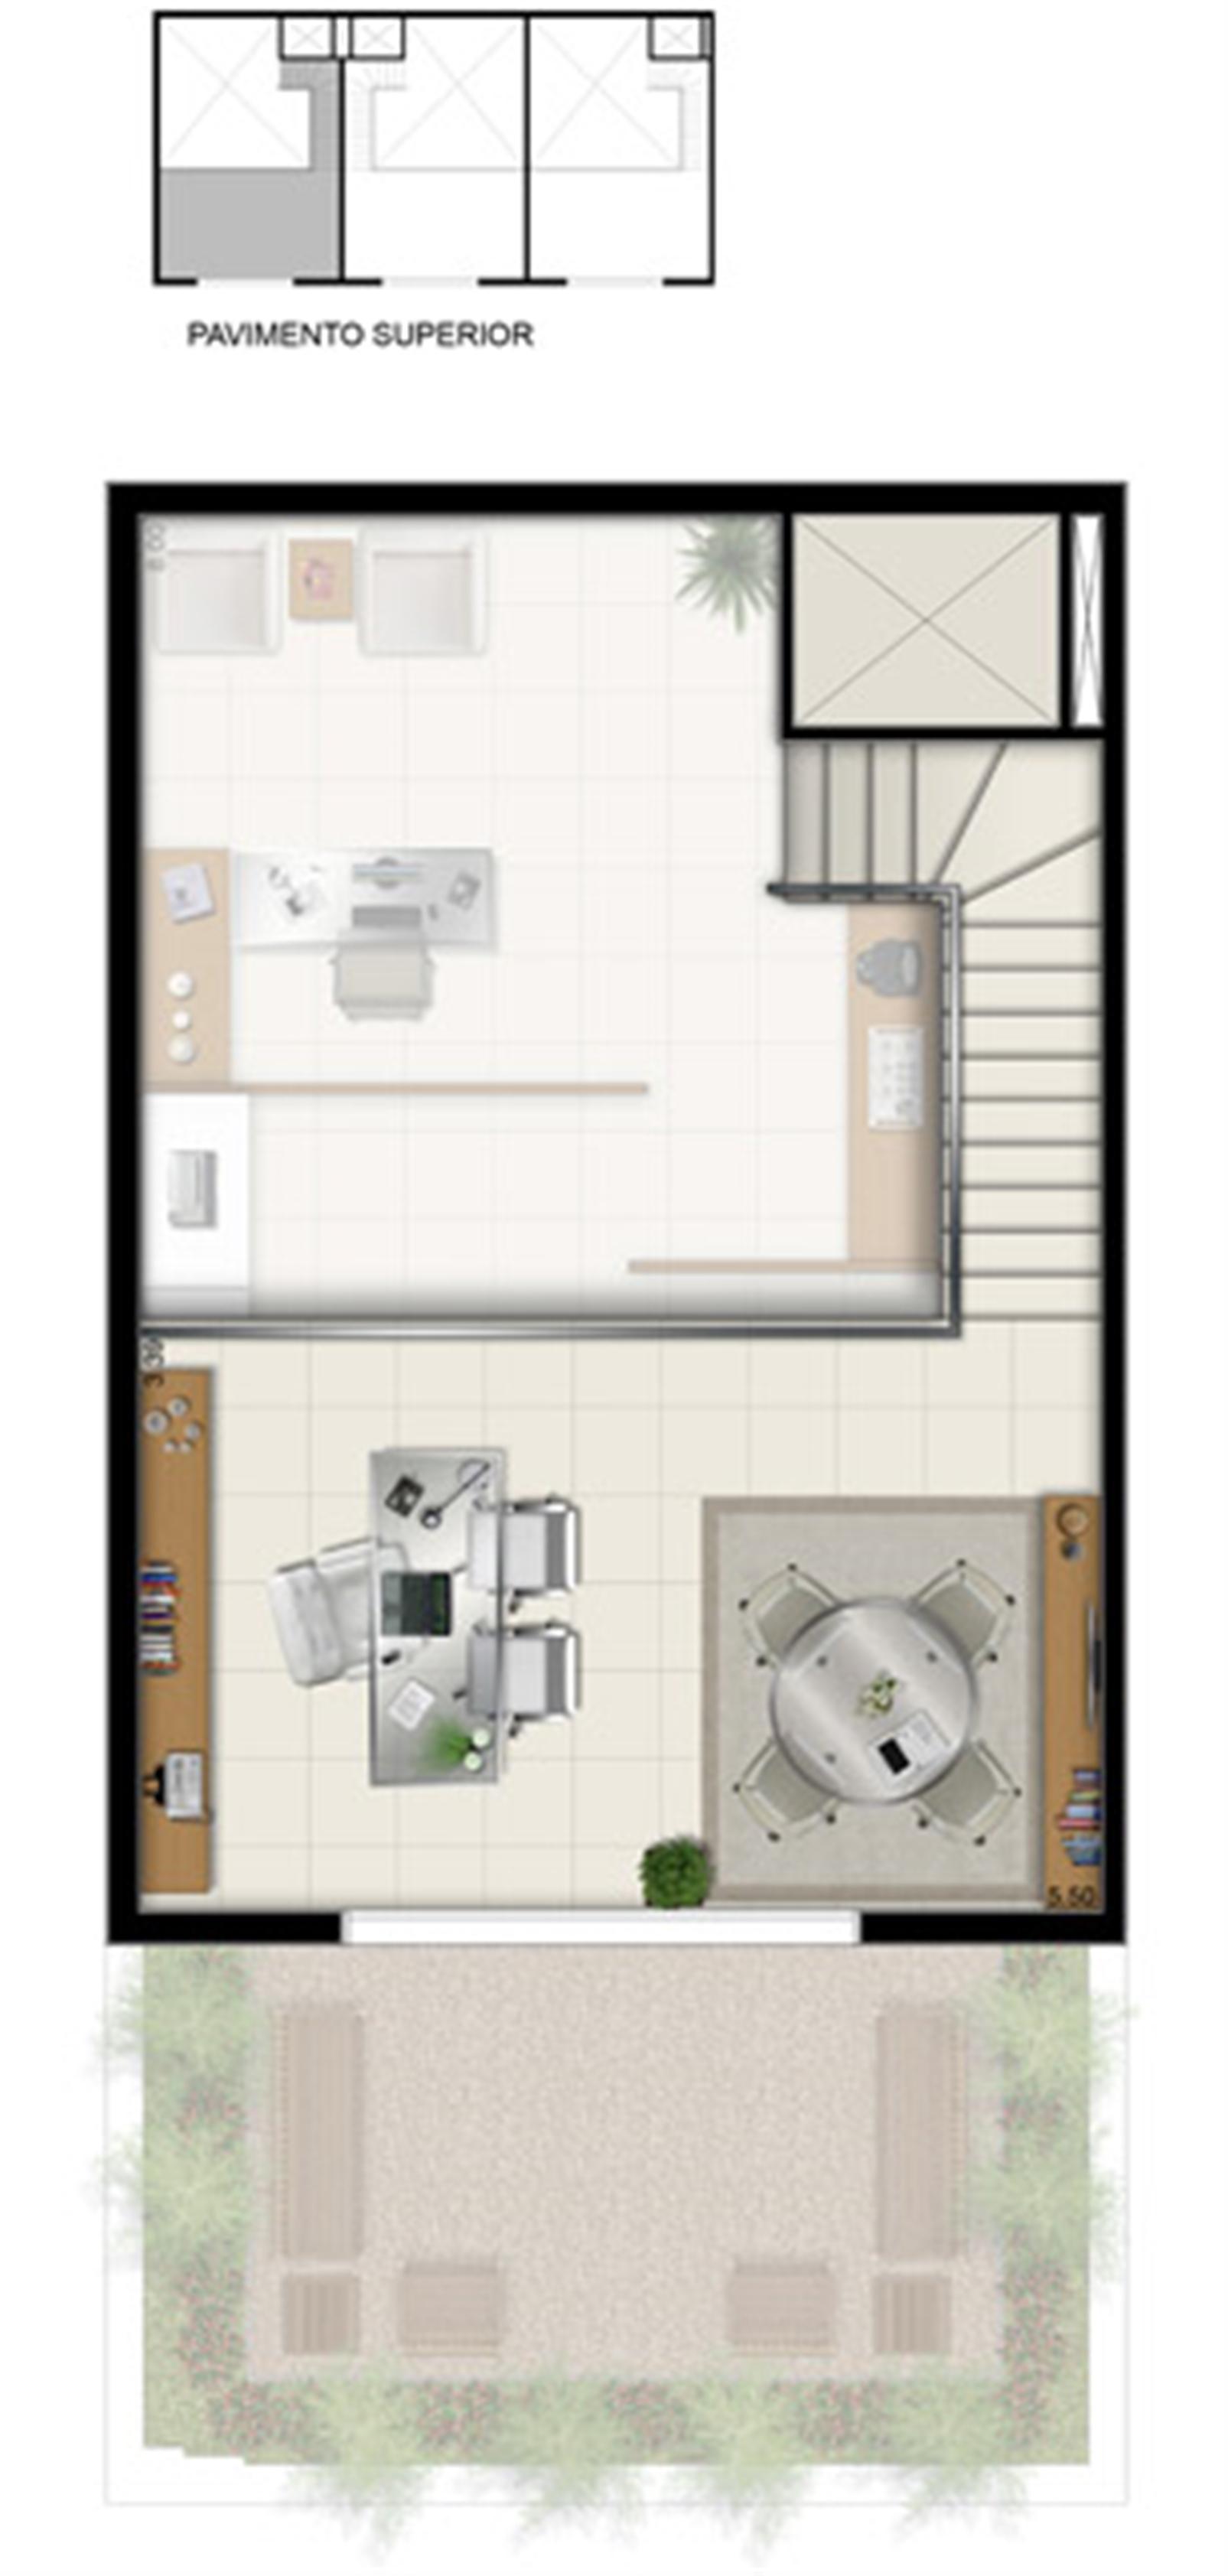 Duplex Superior - Área total 84,50 m² | Pátio Jardins – Salas Comerciaisem  Altos do Calhau - São Luís - Maranhão